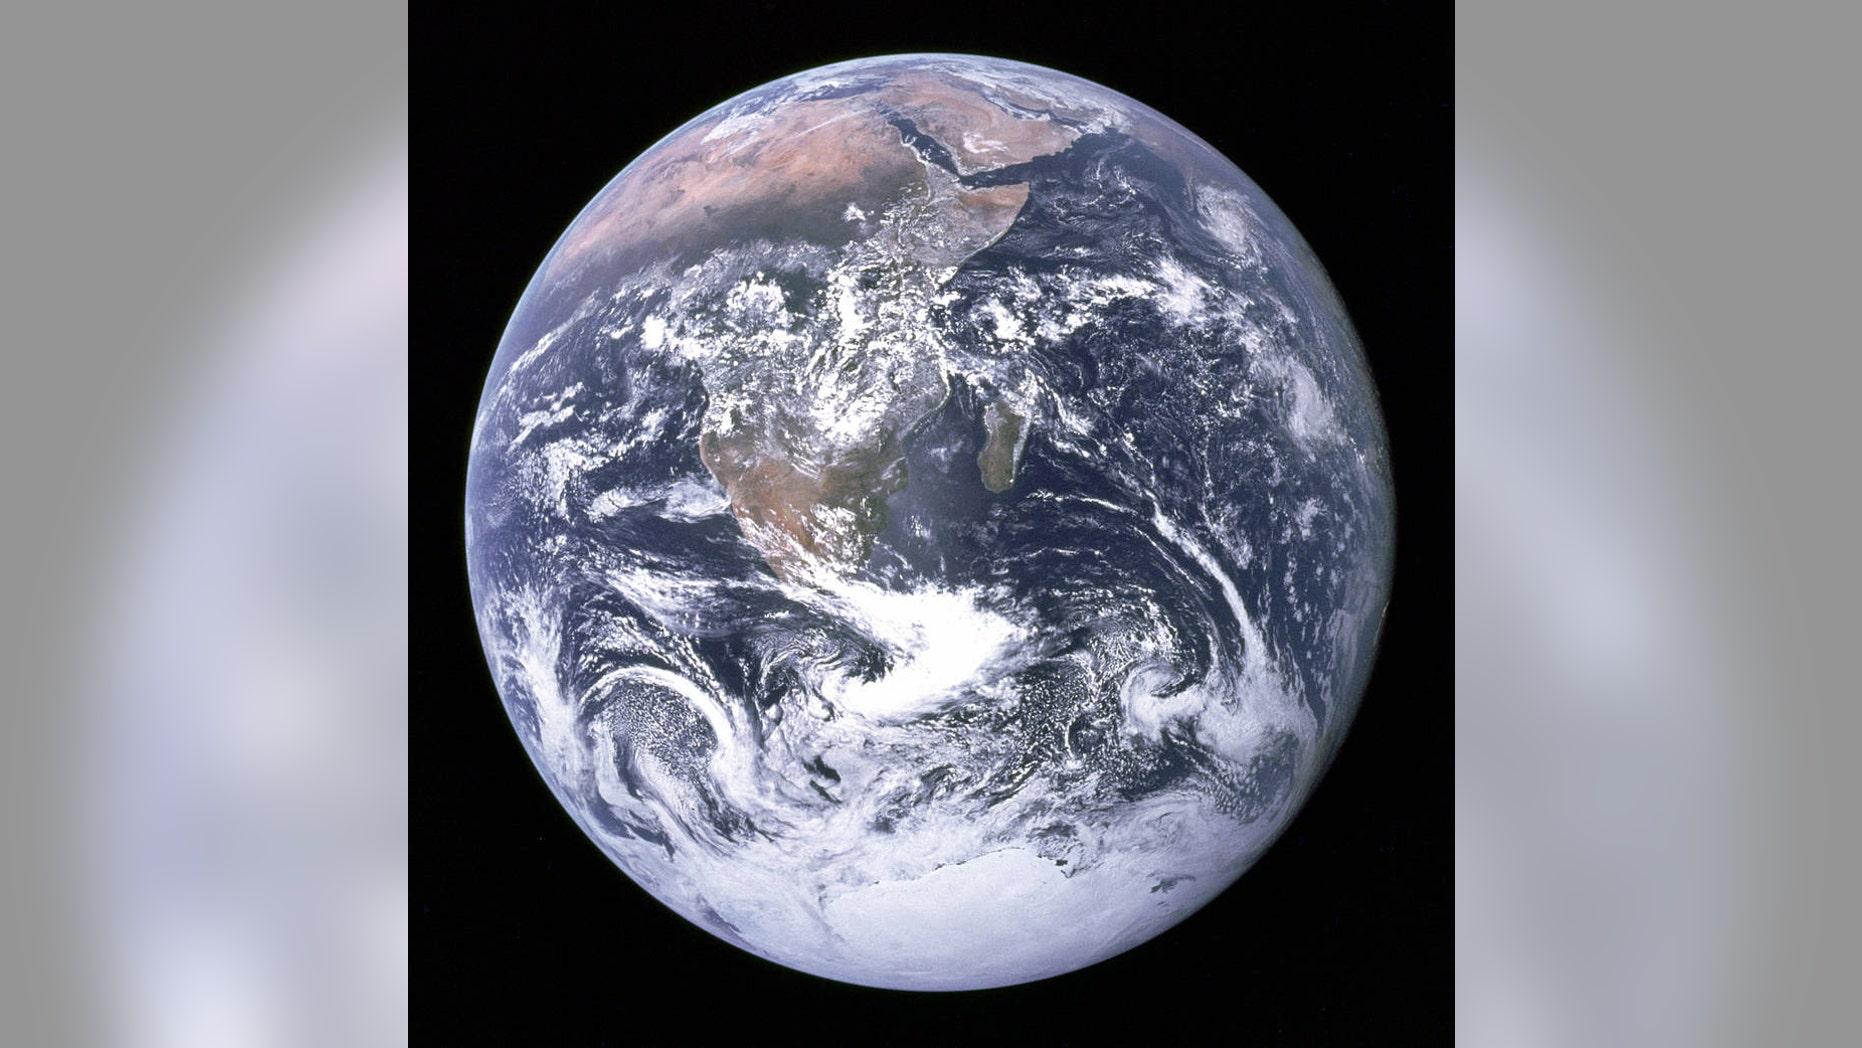 Earth as seen by the Apollo 17 crew traveling toward the moon. (NASA)